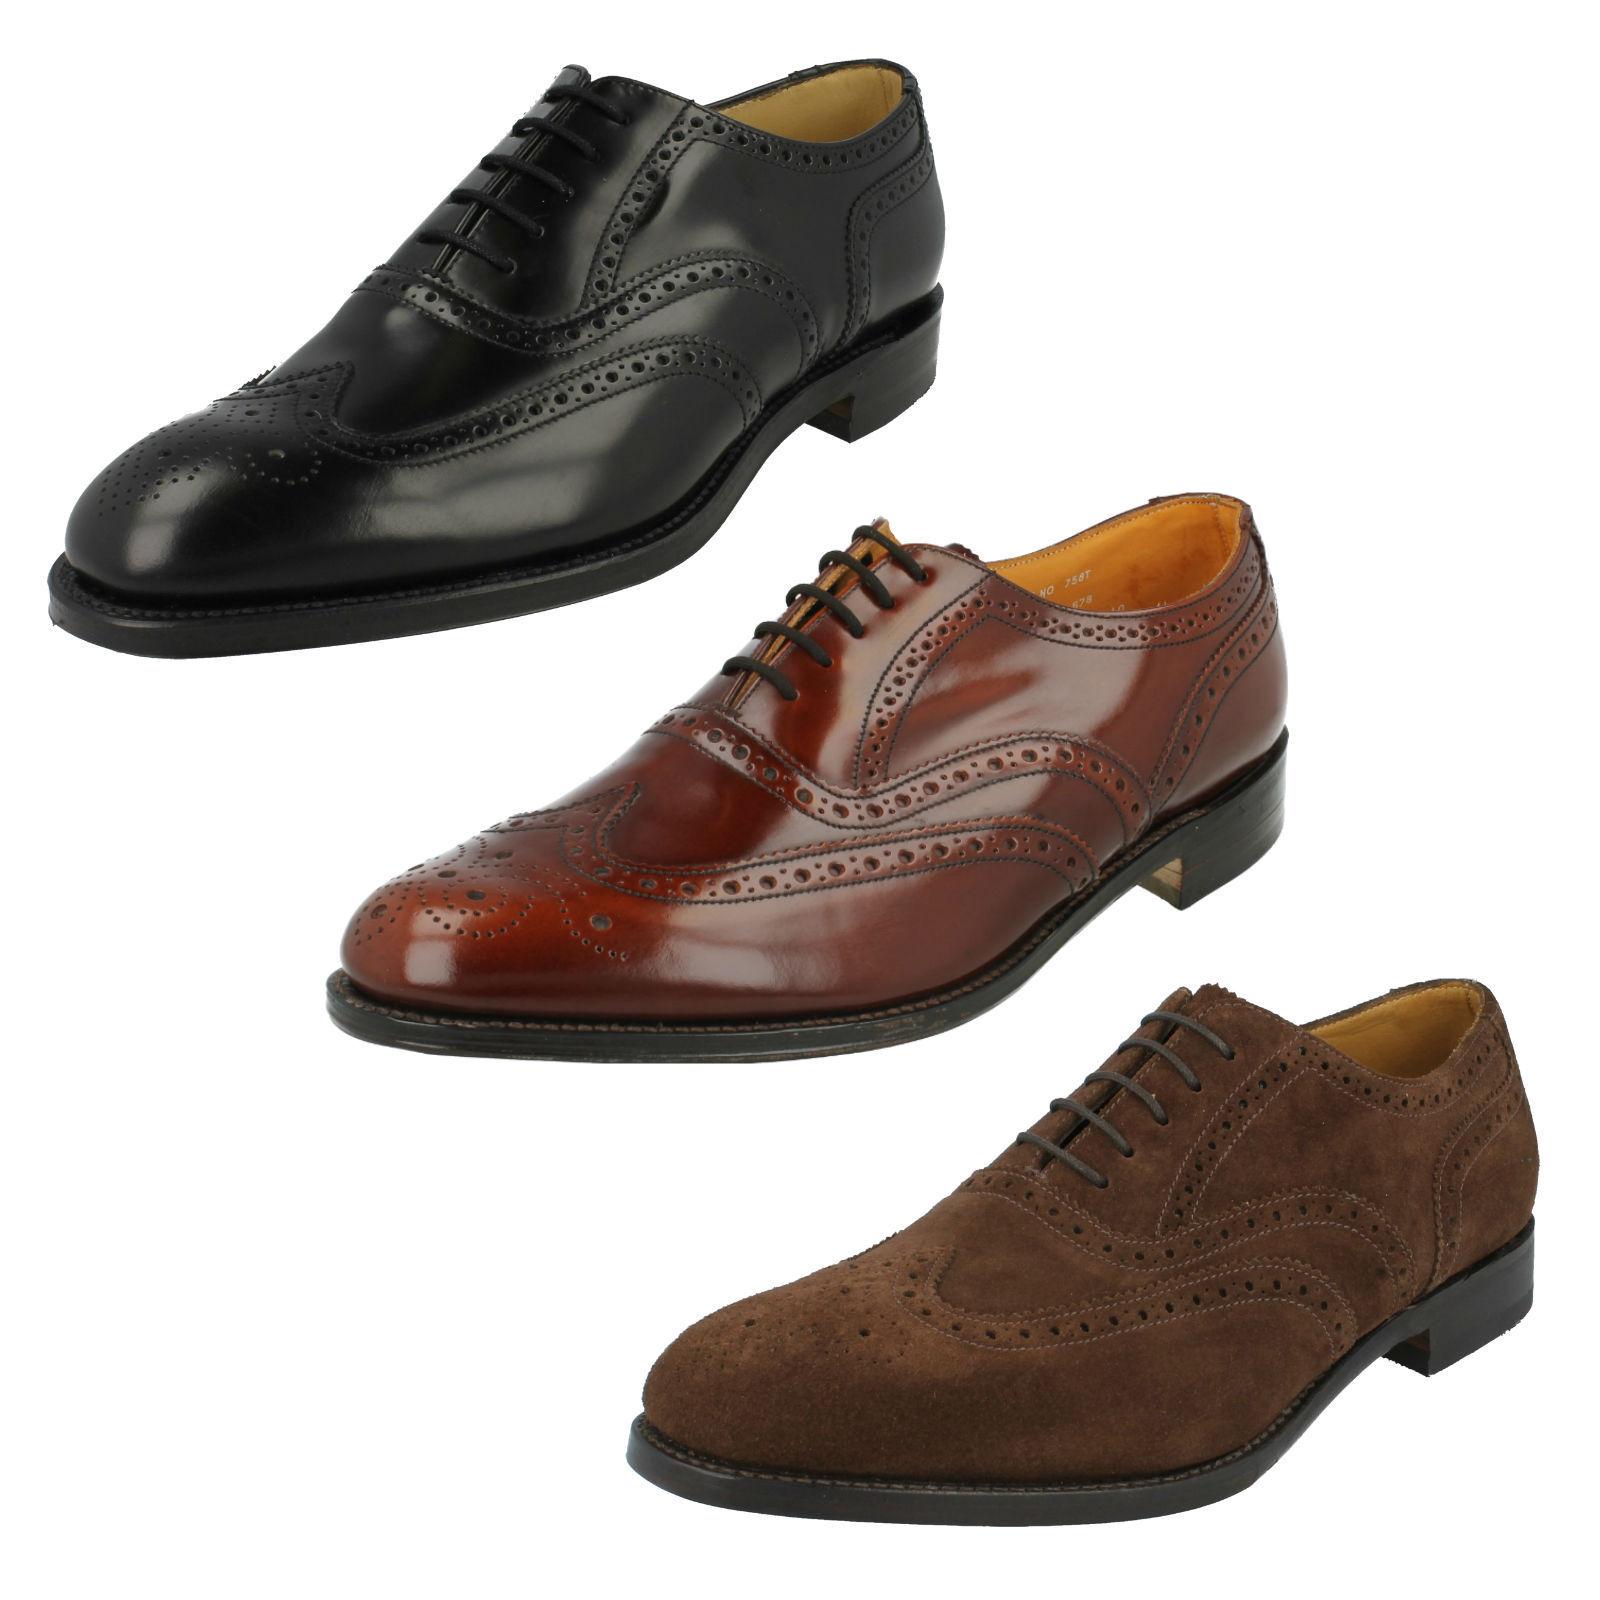 Para Hombre LOAKE 758 Marrón Pulido Cuero Inteligente Zapatos De Trabajo Uk Talla 8